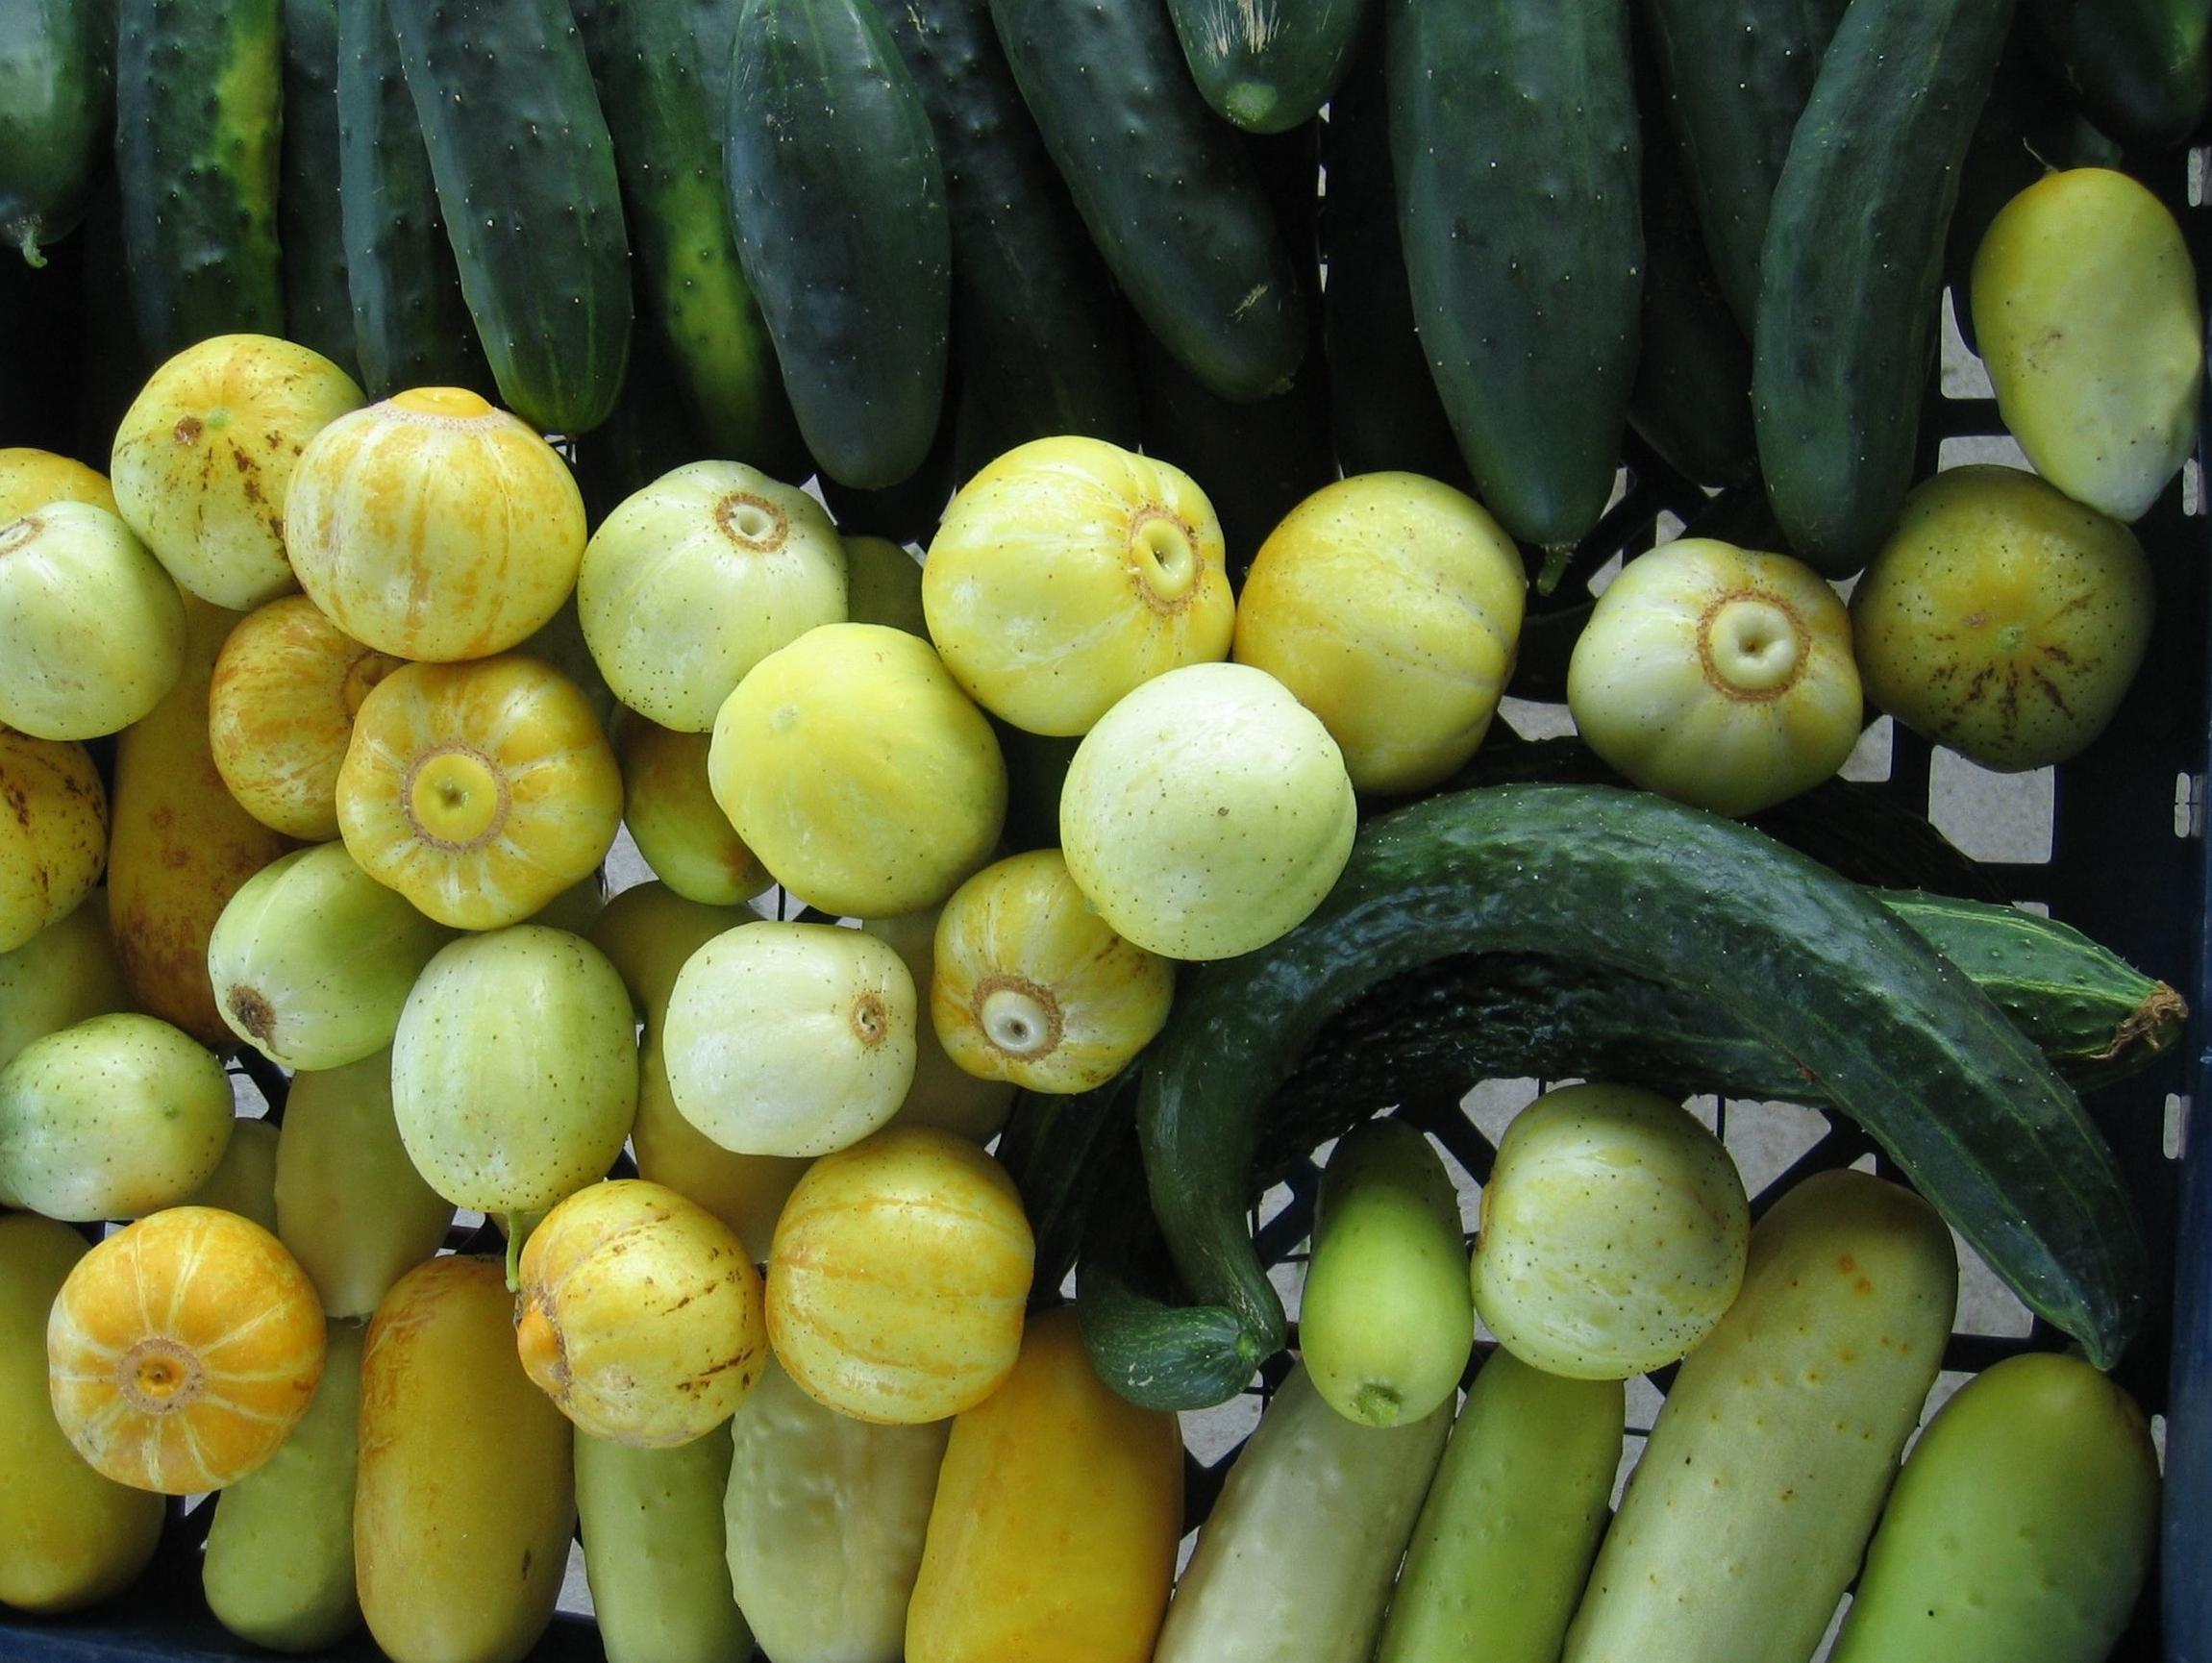 clockwise from bottom left:Edmundson, lemon cucumbers, marketmore, Sazuki madori japanese, white cucumber